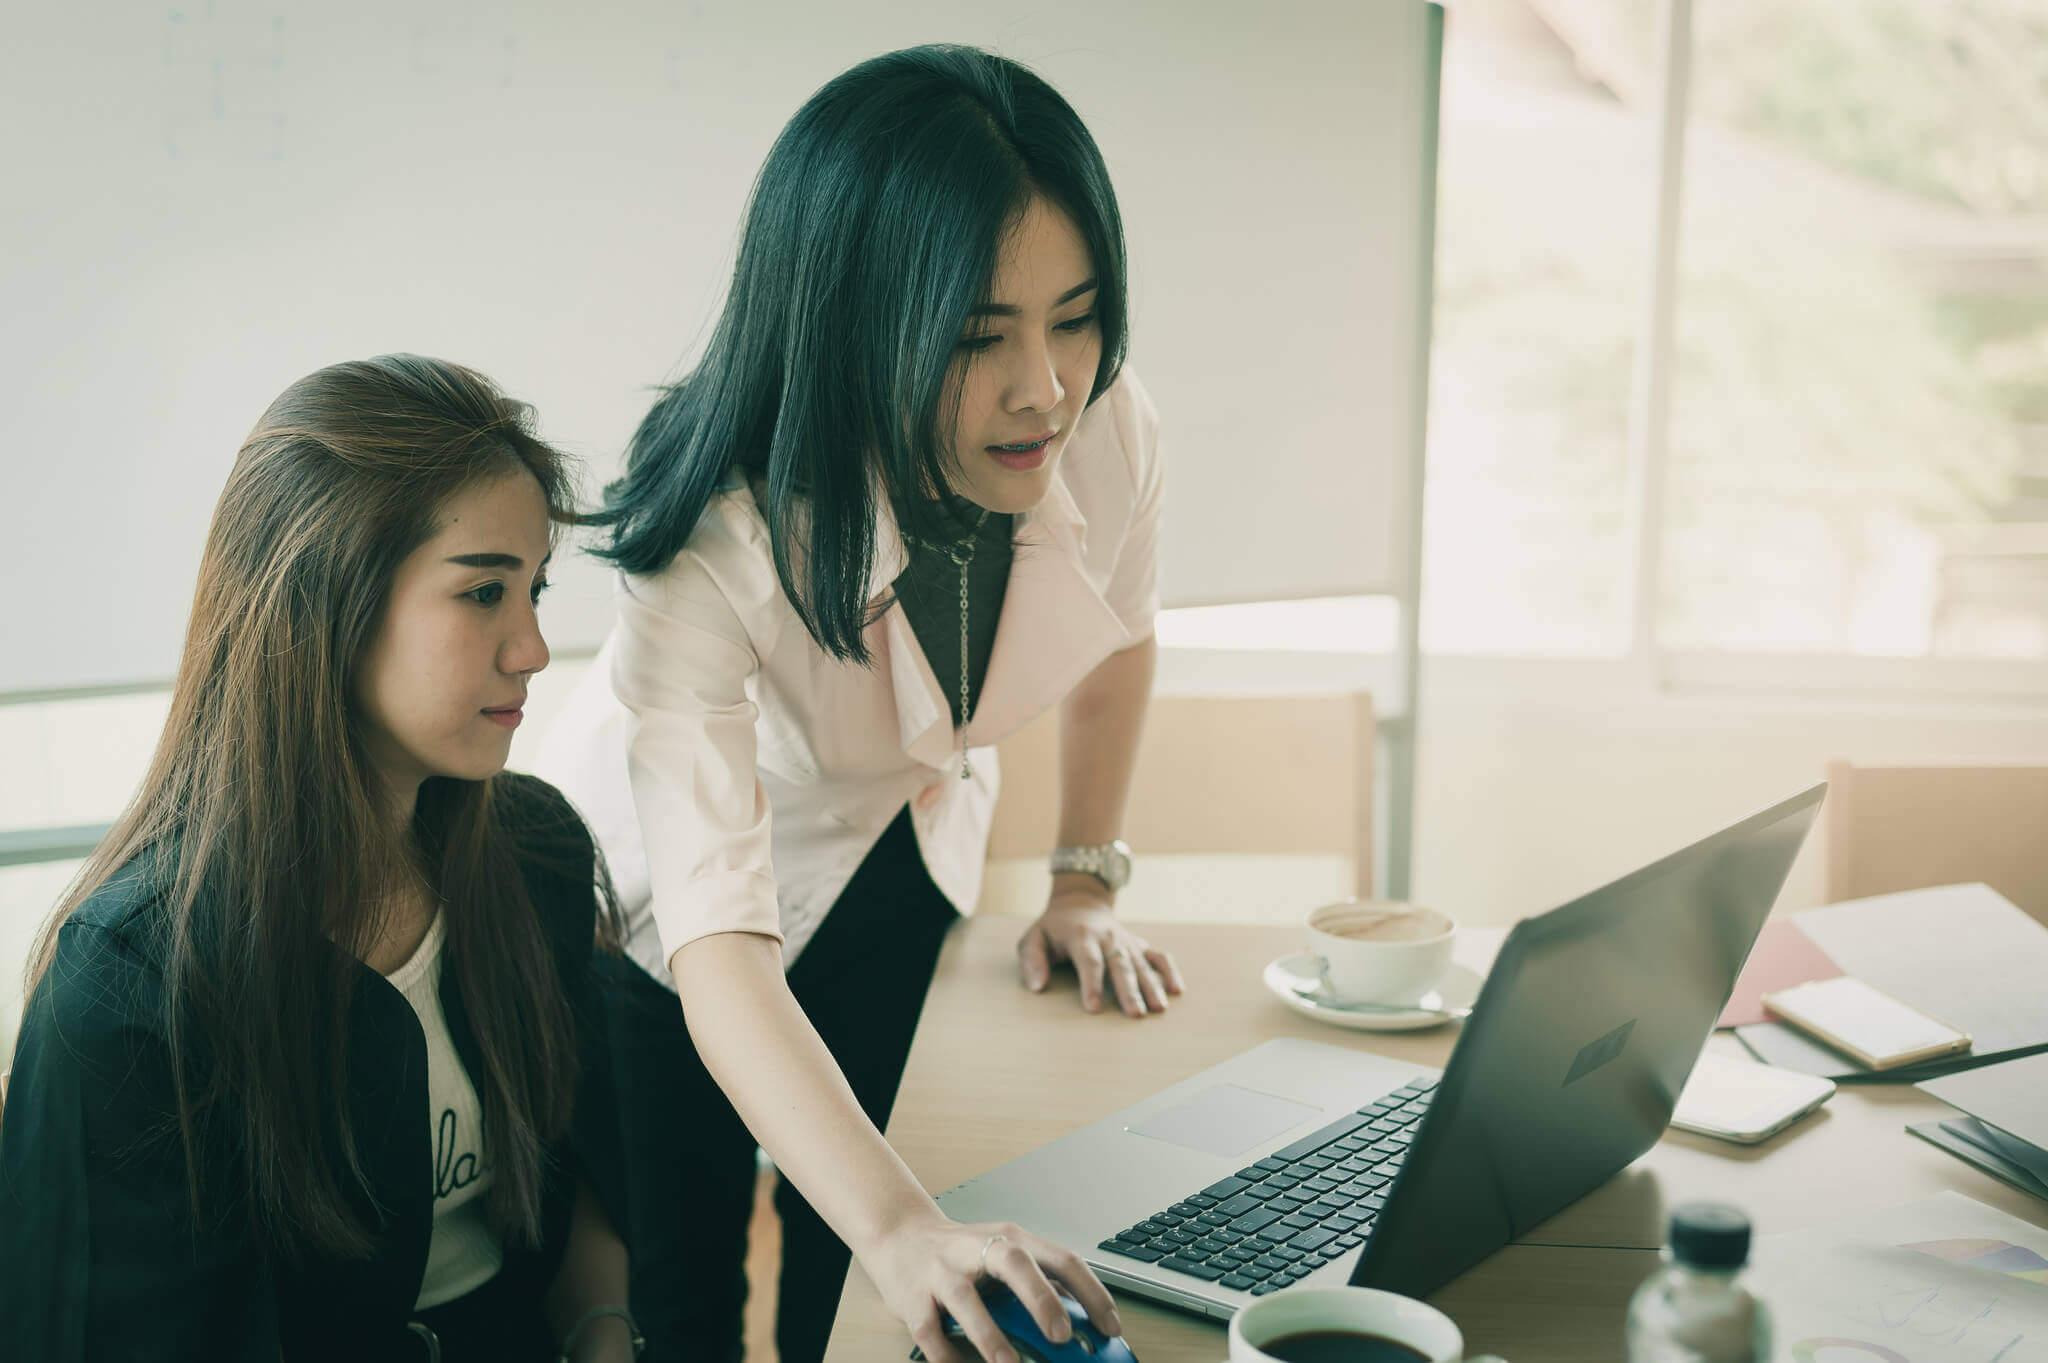 Implementing webinars